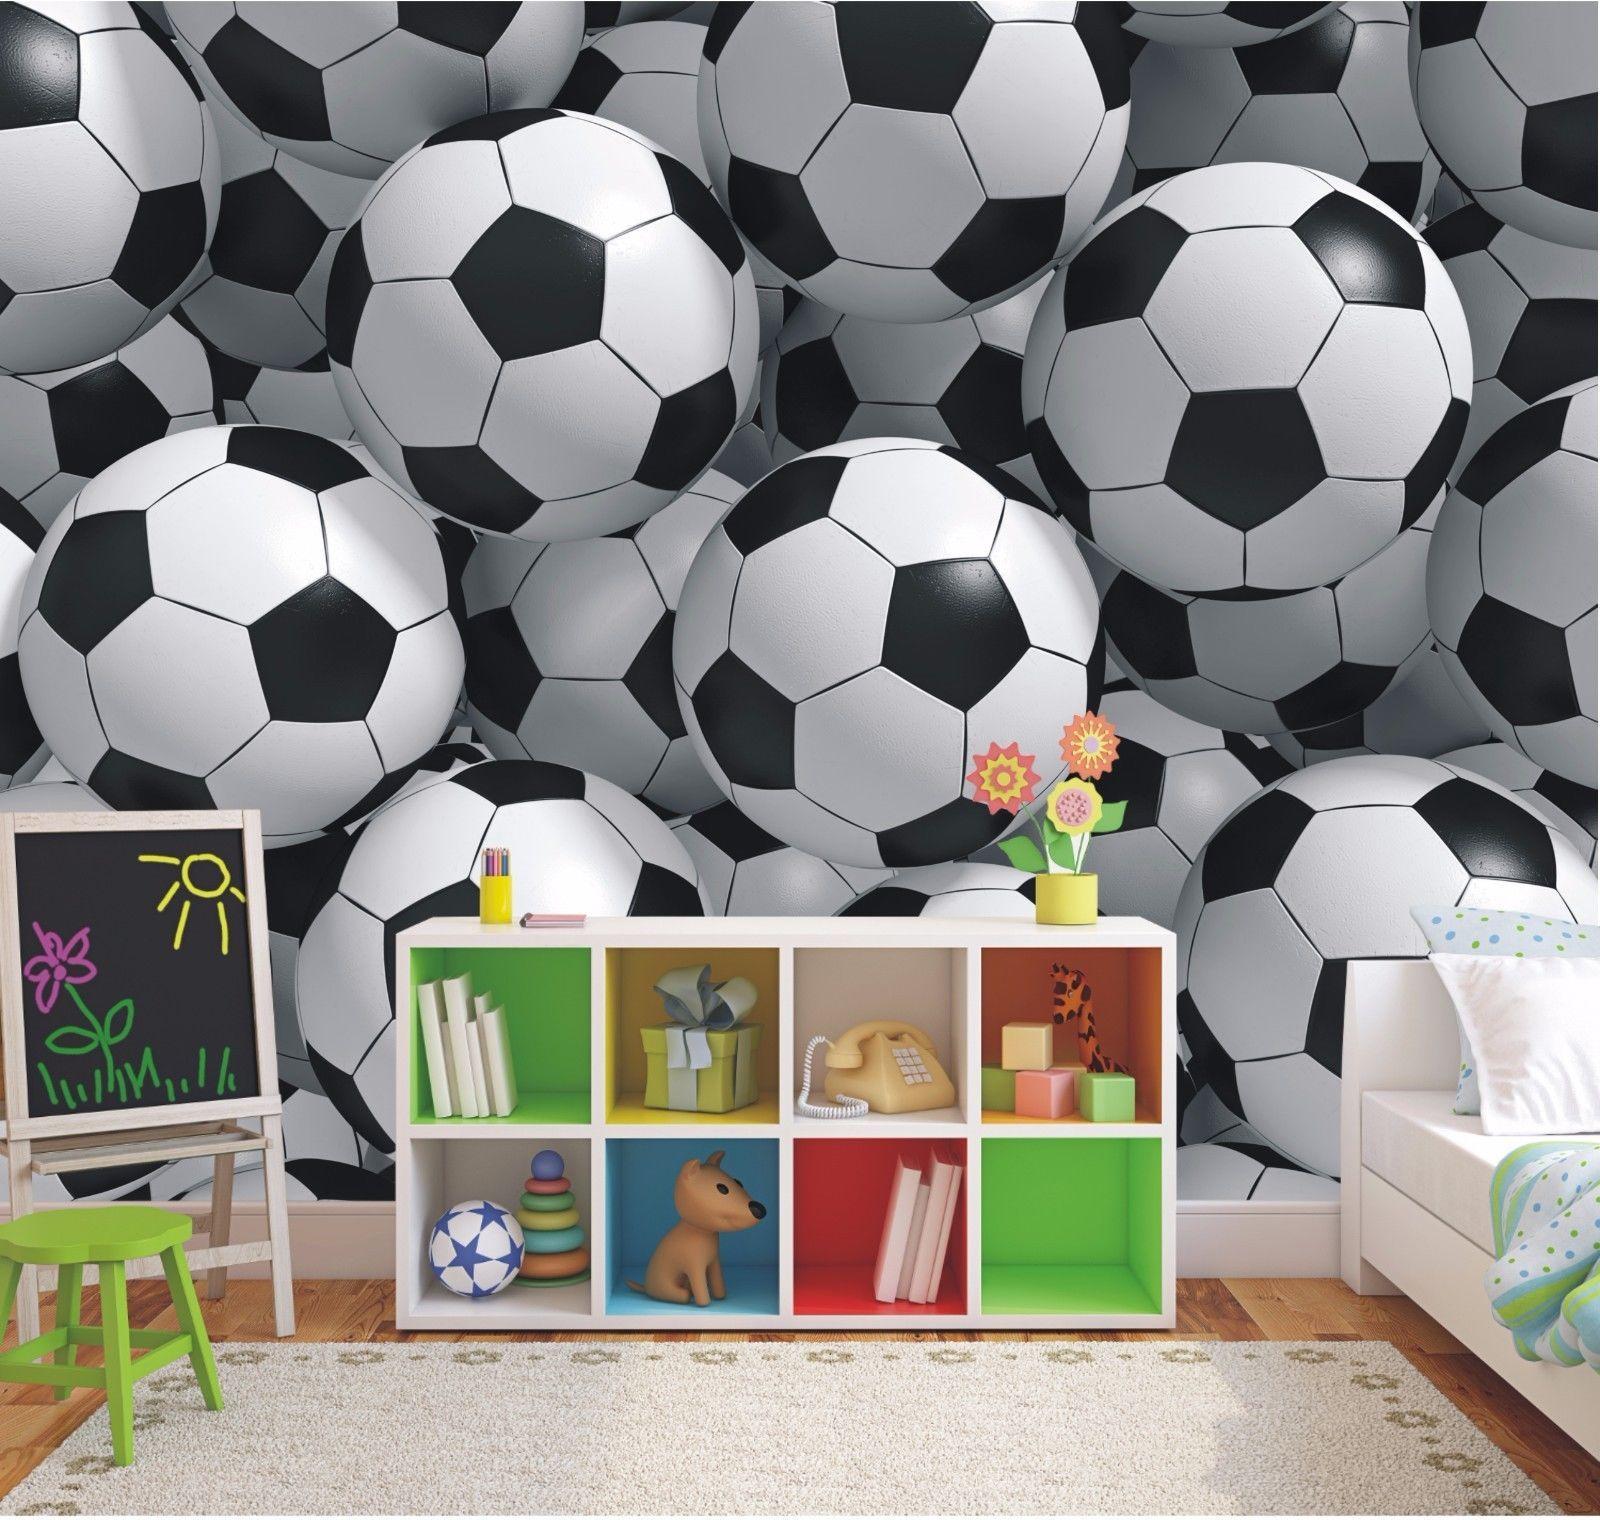 3d Footballs Wallpaper Mural Boys Bedroom Soccer Photo Wall Mural 12420885 Boys Room Mural Mural Wallpaper Boys Soccer Bedroom